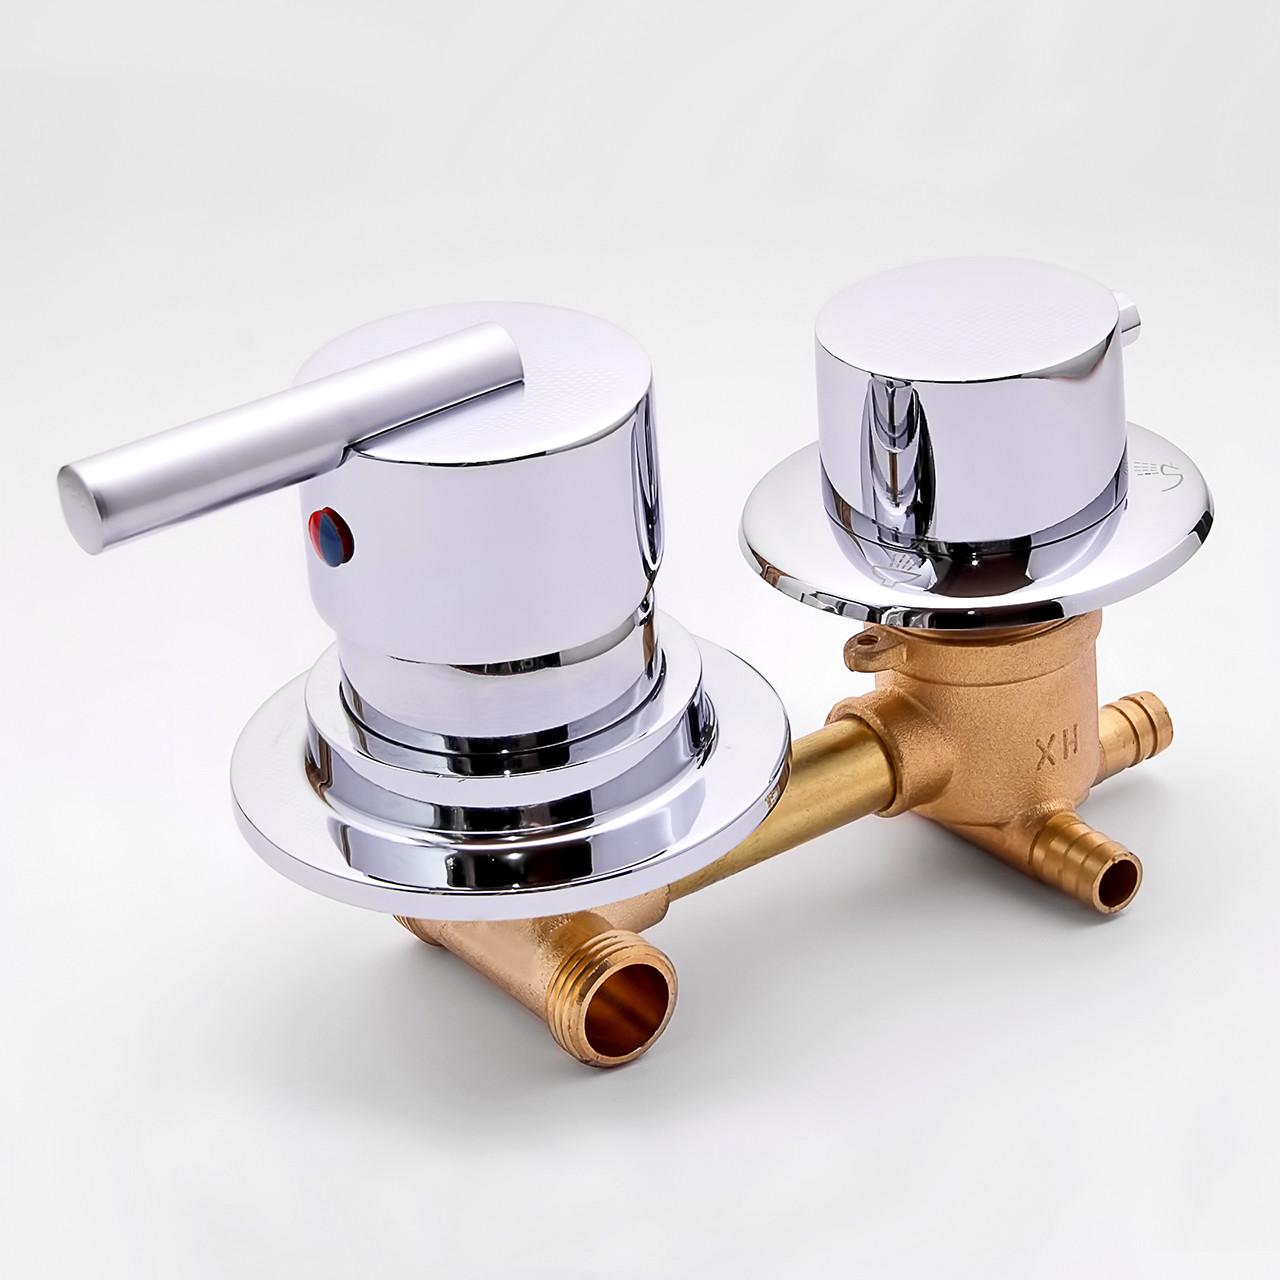 Змішувач для душової кабіни, гідробоксу S3 - 90 на 3 положення.